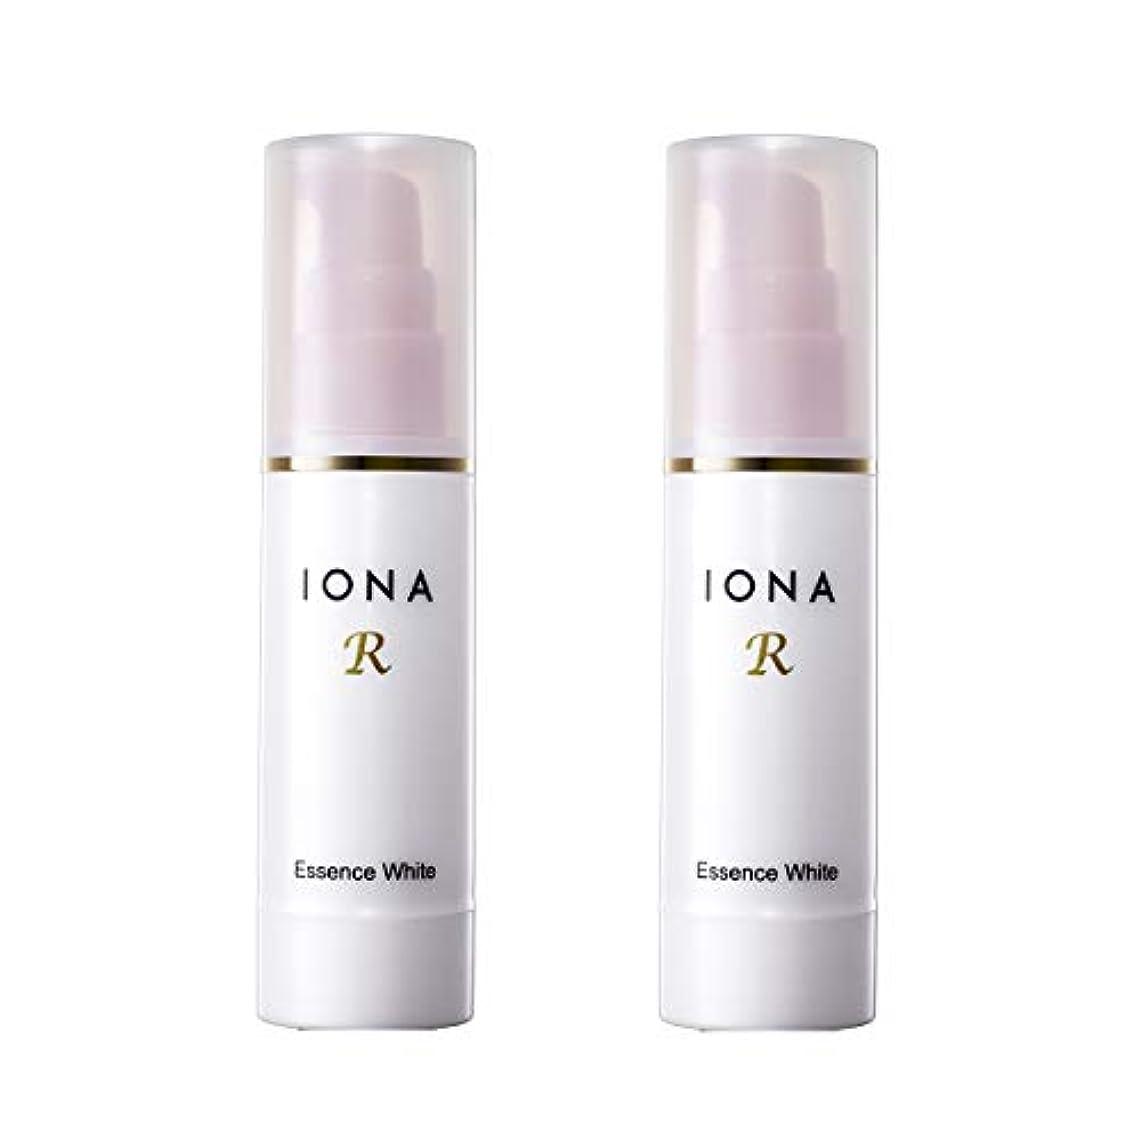 ラッカス戸口スピリチュアルイオナR エッセンスホワイト 美容液 2個セット 【通常価格より20%OFF】高機能ビタミンC配合美容液 IONA R イオナアール イオナのビタミンC